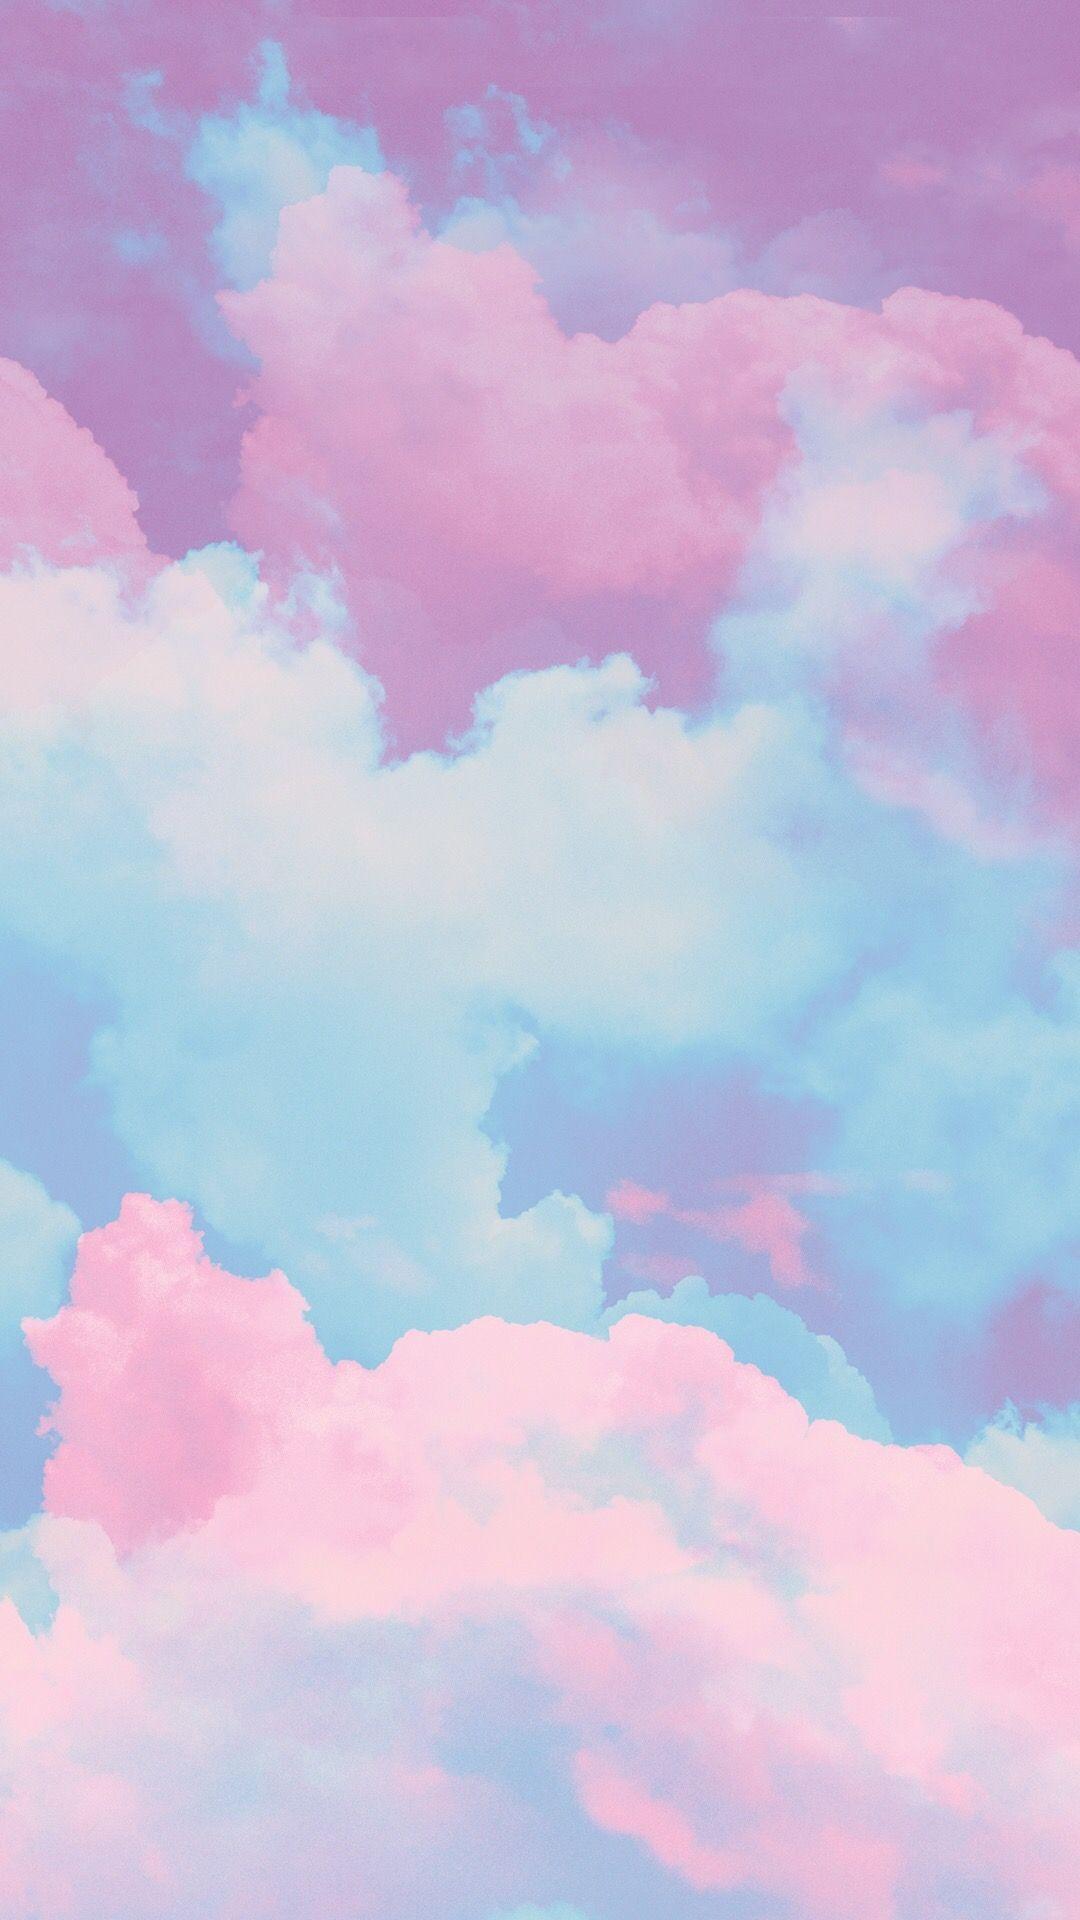 Pastel Colorful Hd Wallpaper Android Em 2020 Fundo De Aquarela